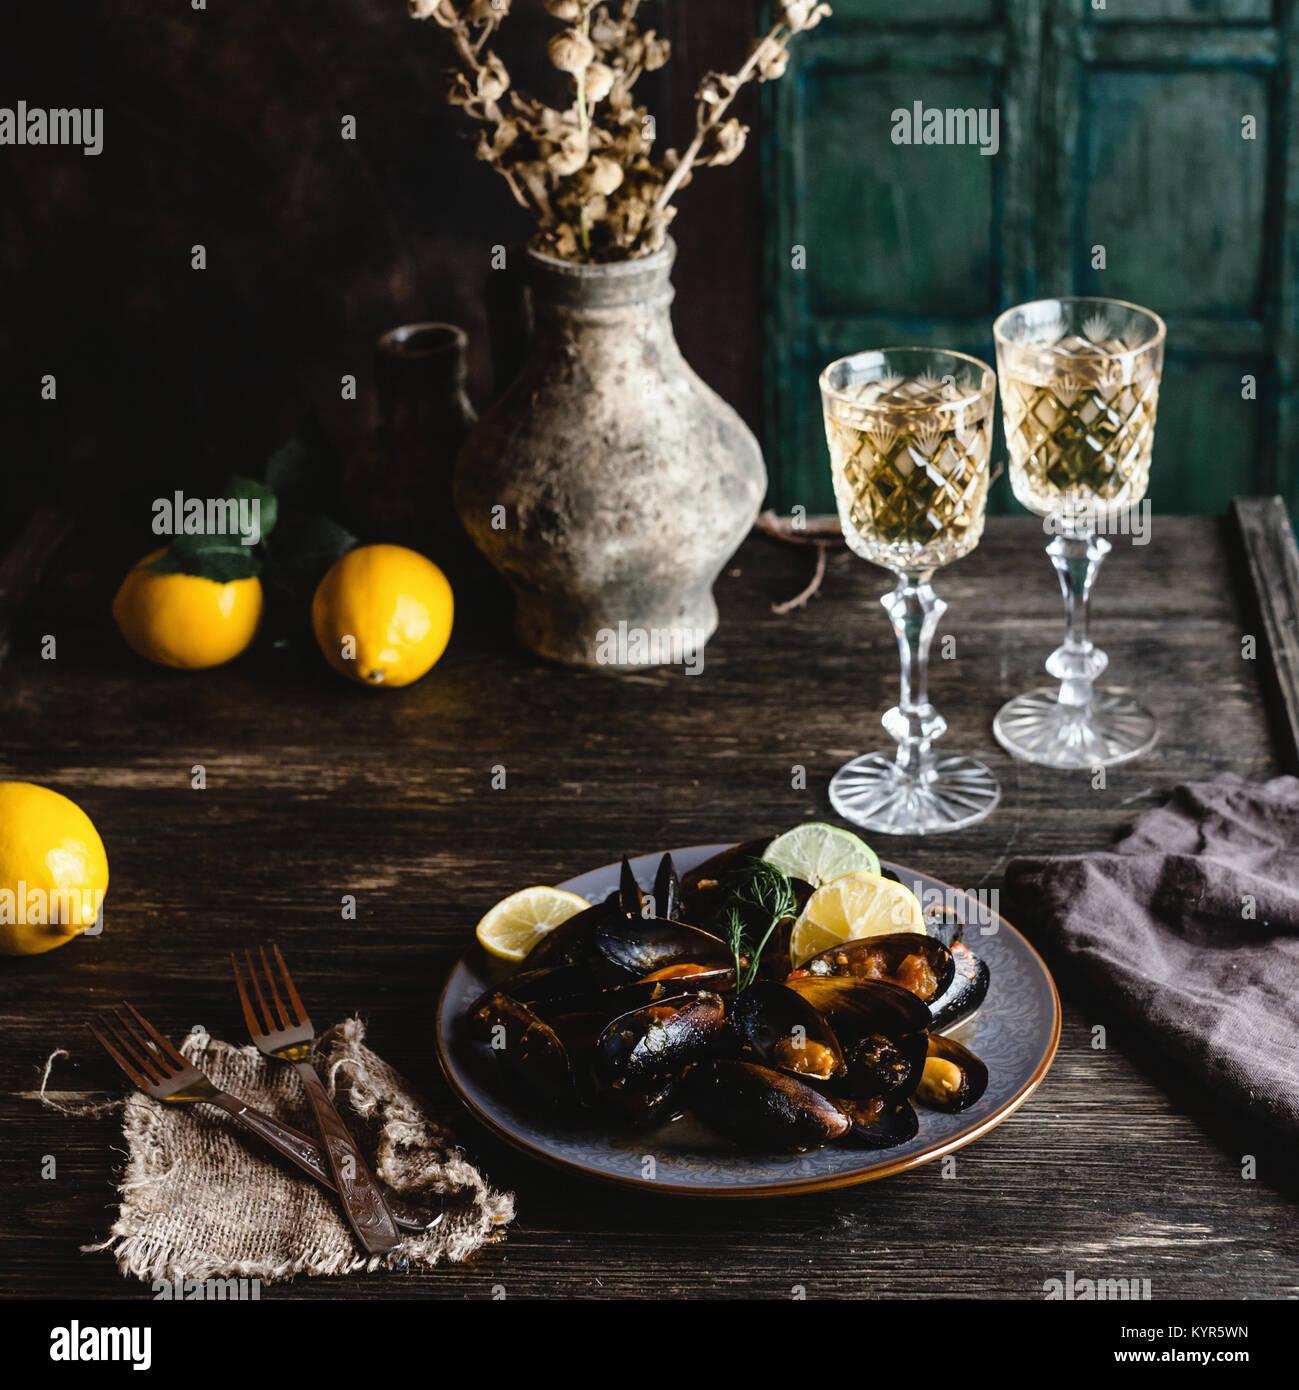 Gekochte Miesmuscheln mit Muscheln auf Platte mit zwei Gläser Weißwein auf hölzernen Tisch serviert Stockbild